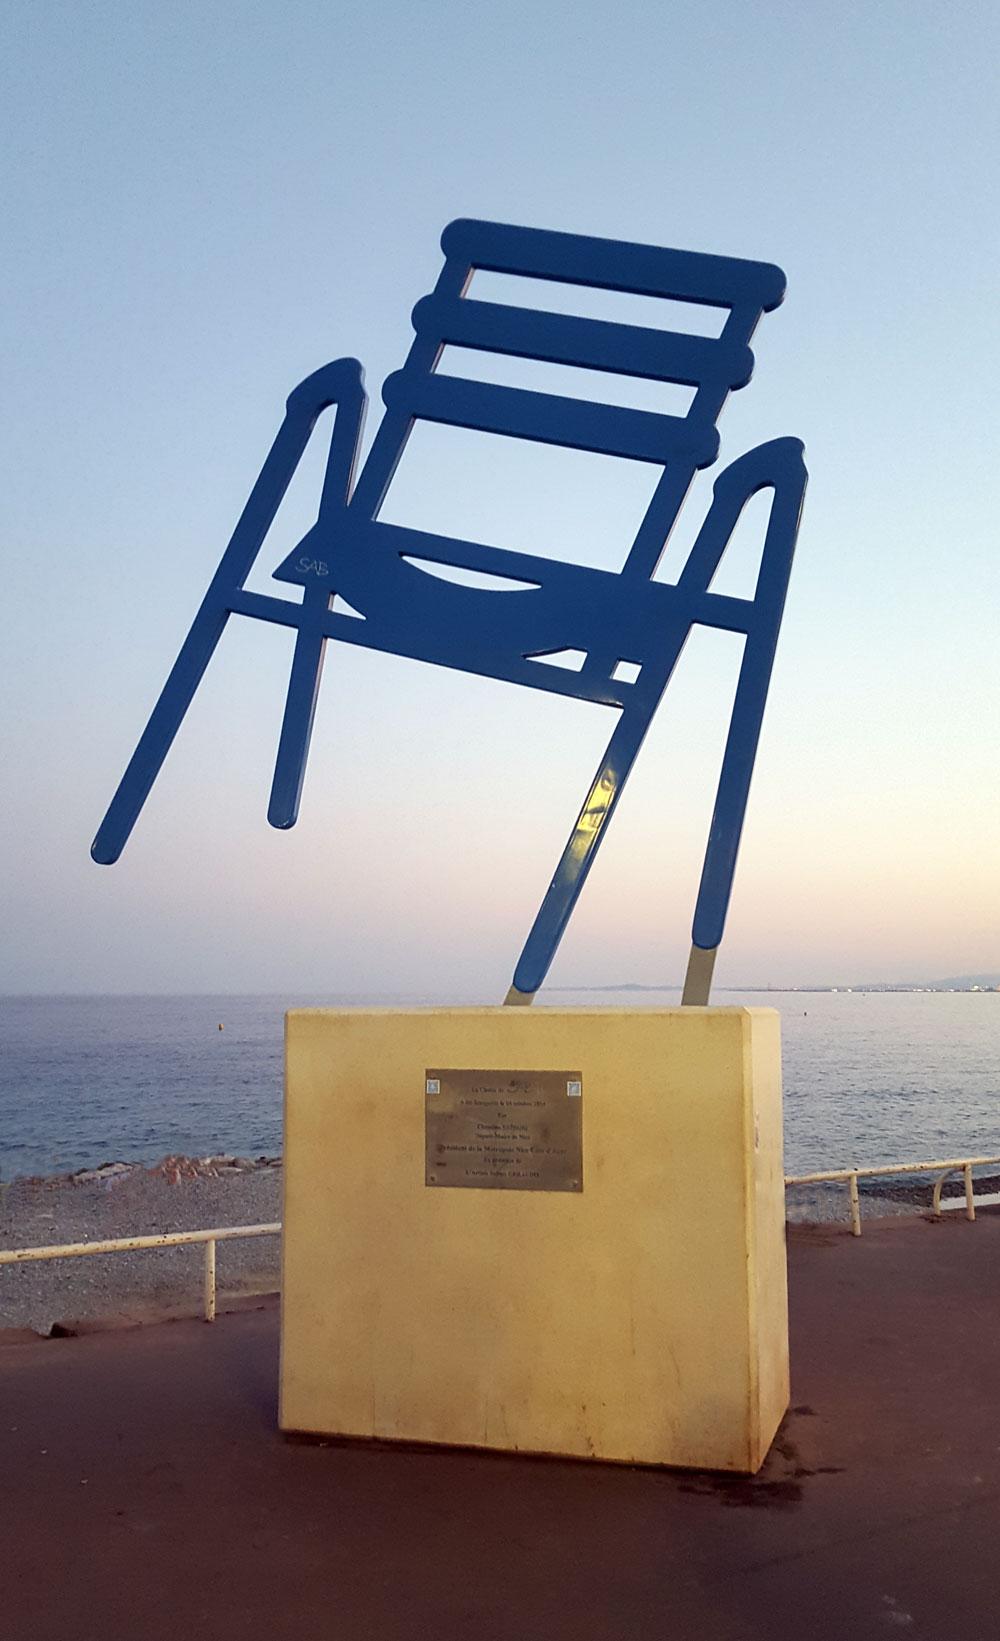 La Chaise Bleue de SAB - eine Kunst-Skulptur an der Promenade